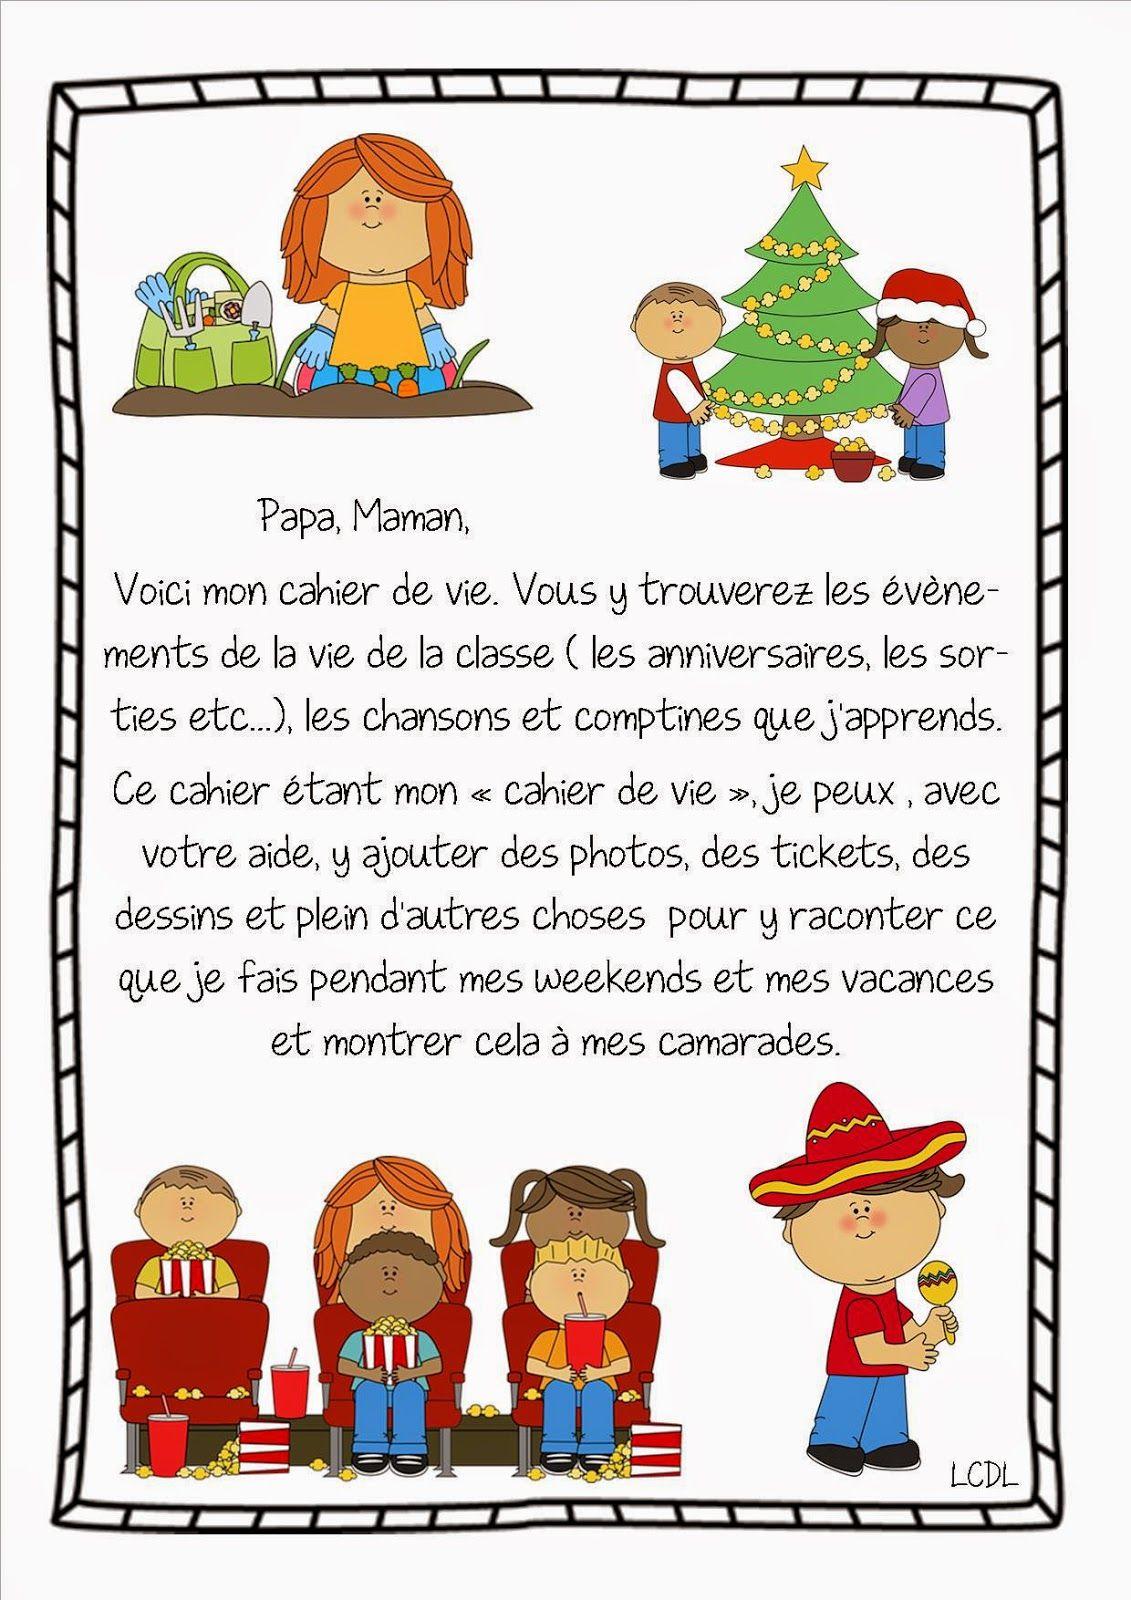 Page De Garde Cahier De Vie La Classe De Laurene Cahier De Vie Cahier De Vie Maternelle Pages De Garde Cahiers